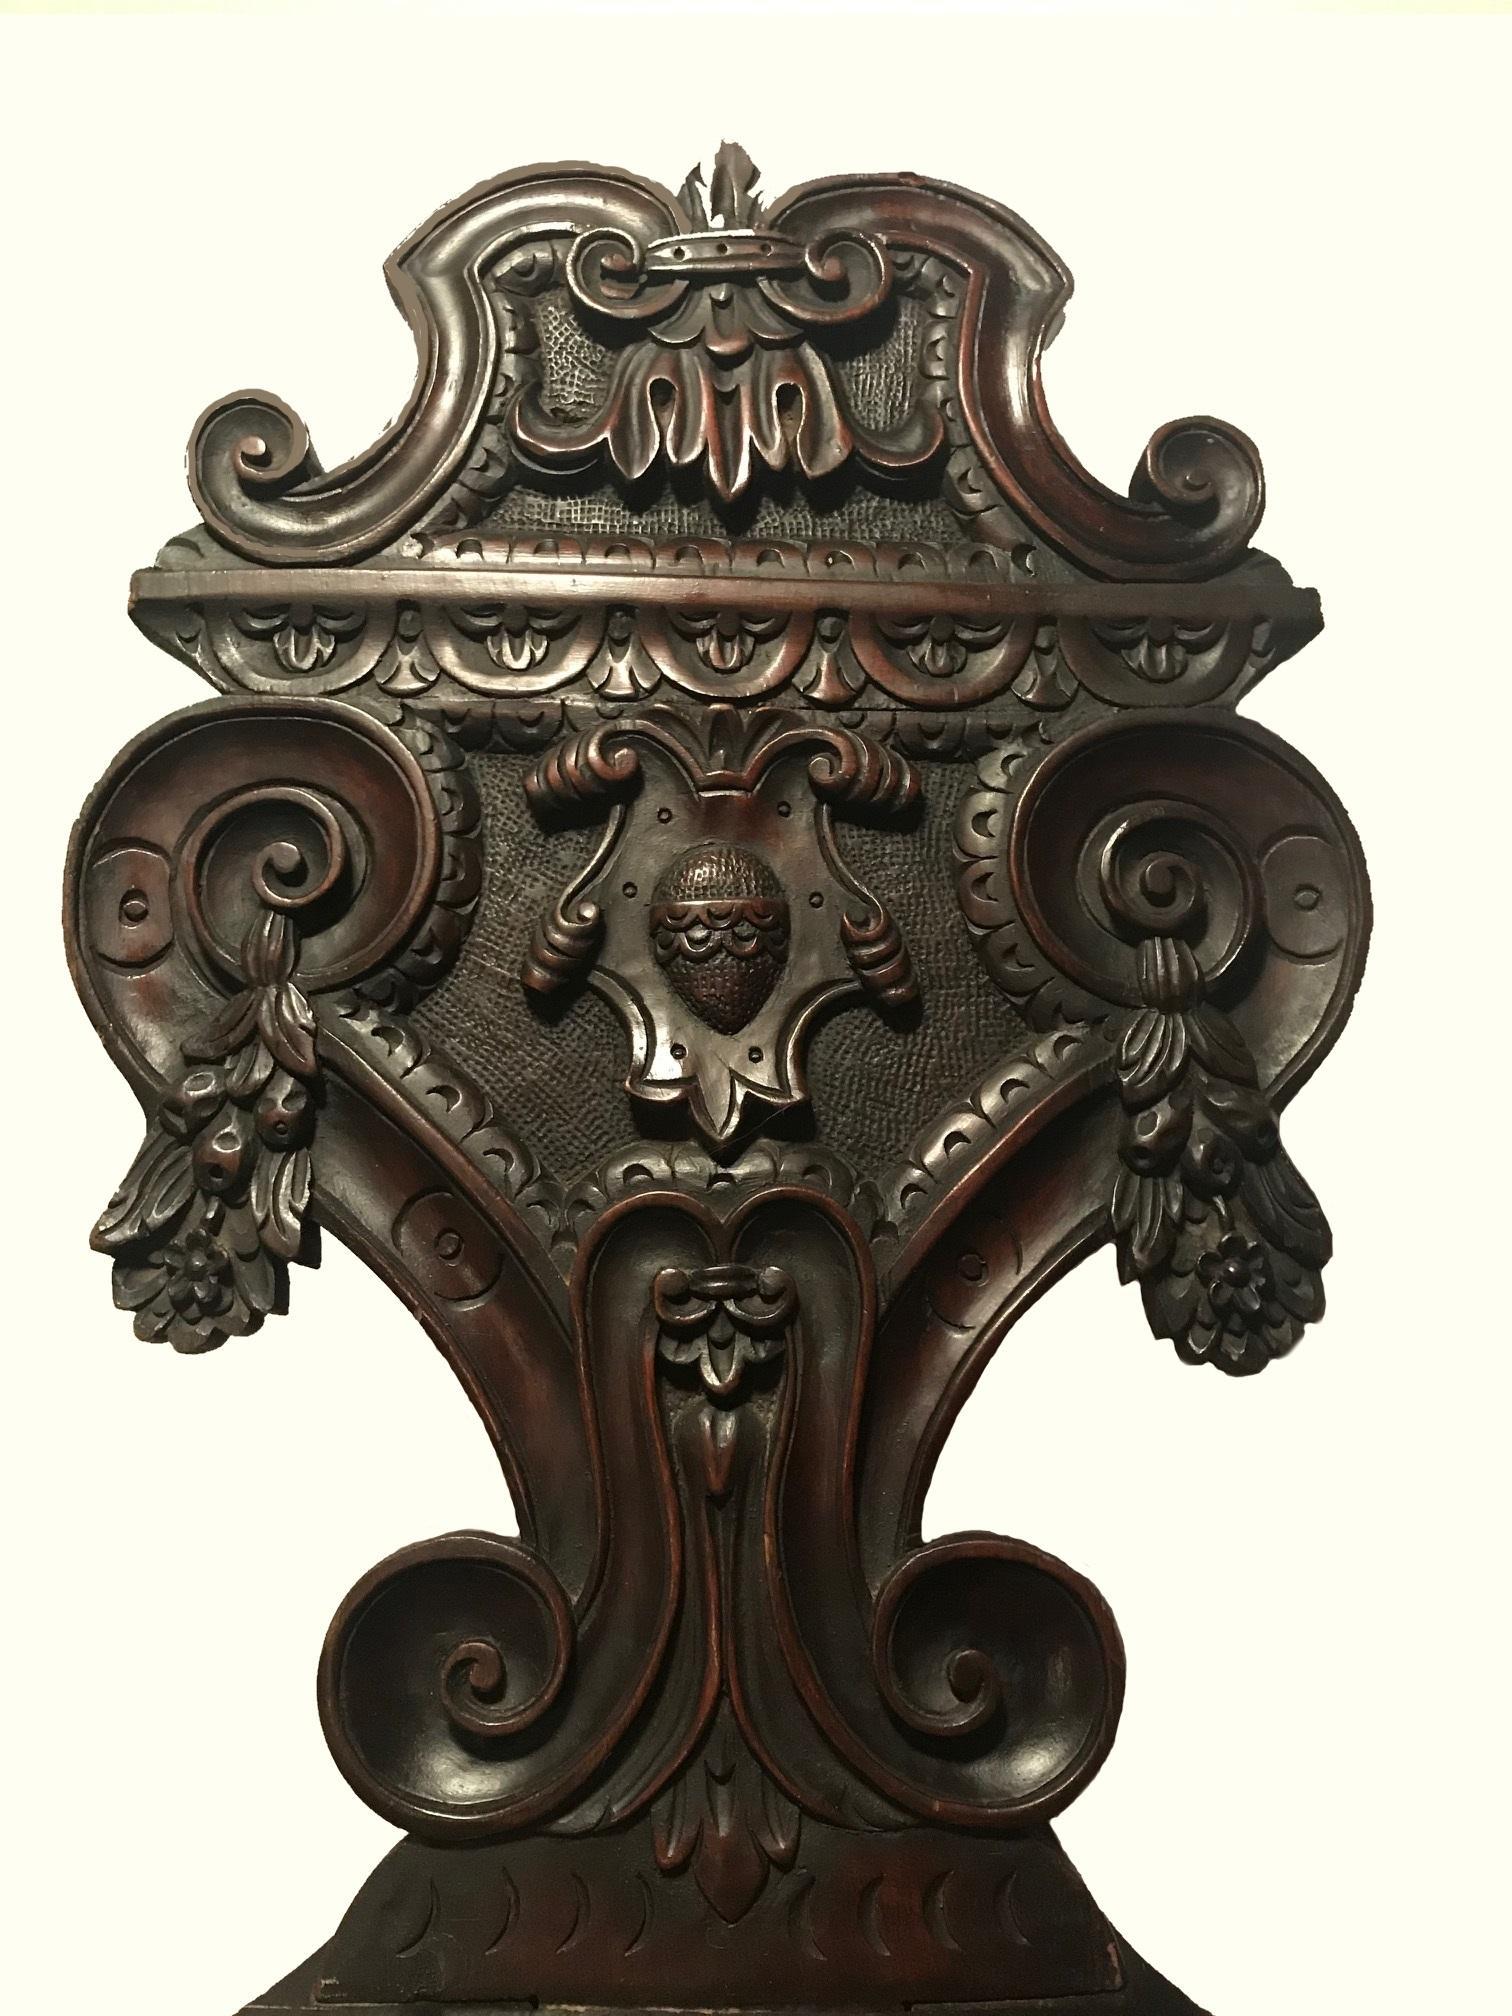 Chaircirca Sgabello Italian Renaissance Revival 1870 CeQWrdBxEo